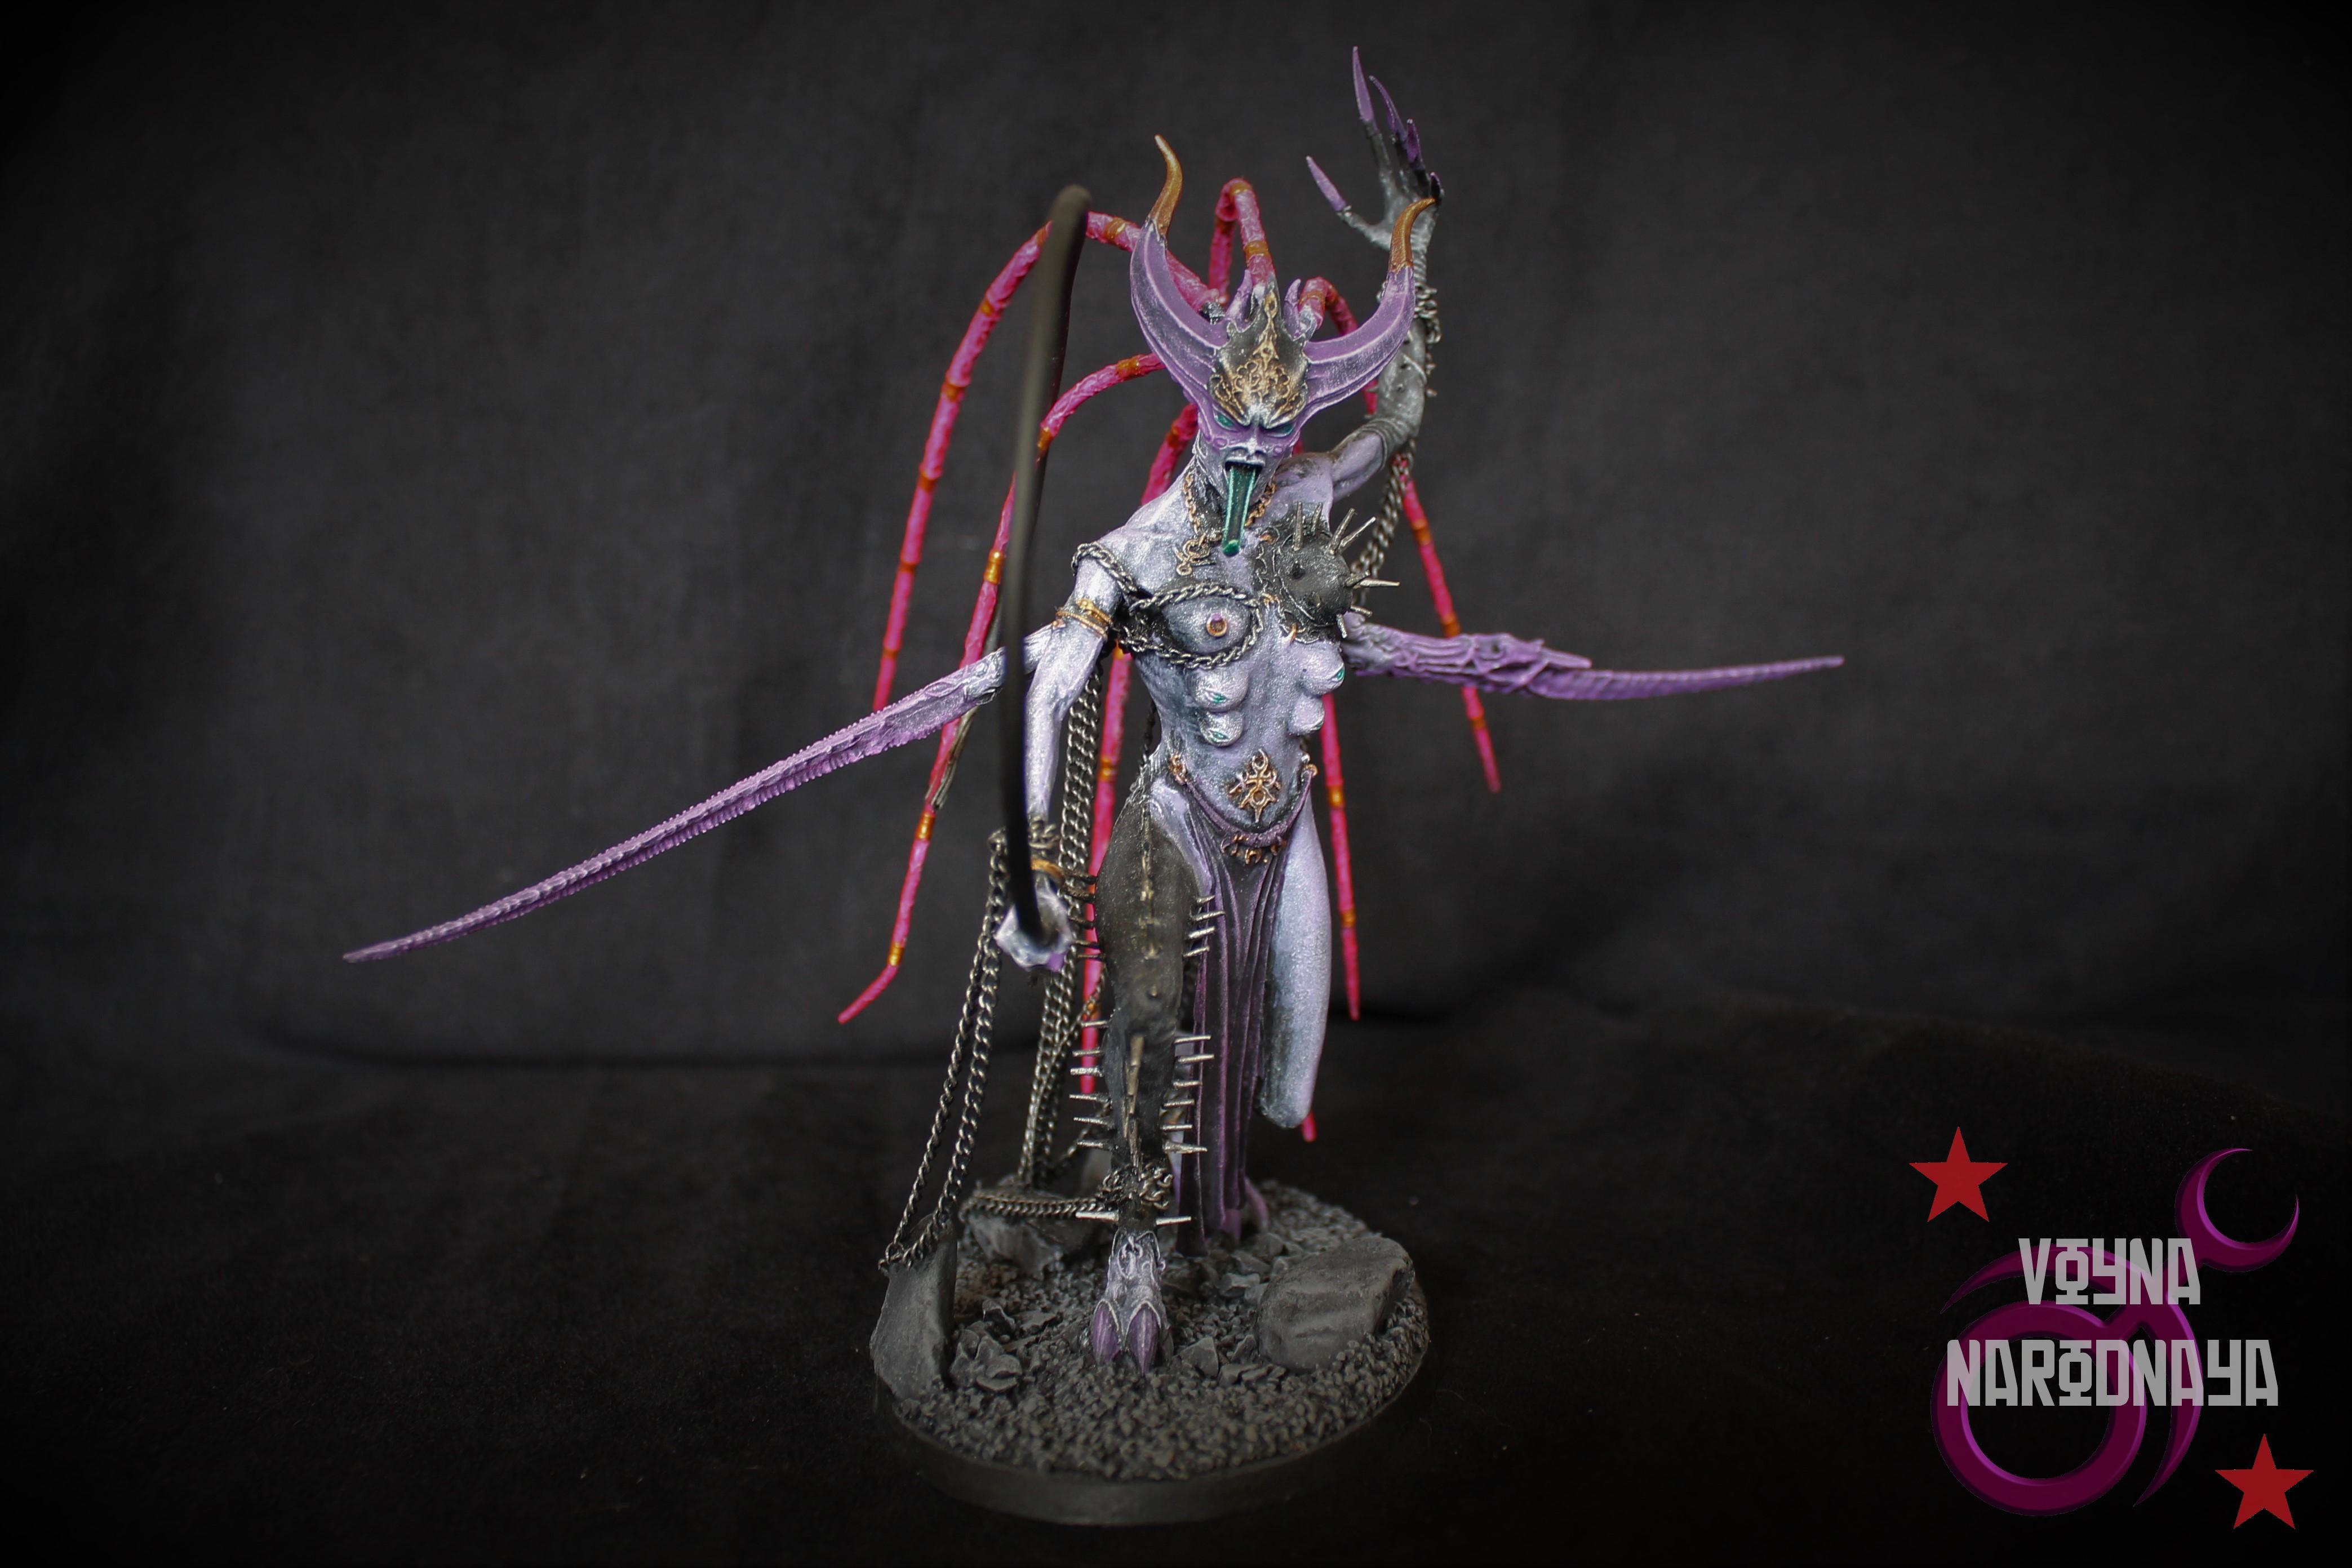 Chain, Daemons, Greater Daemon, Keeper Of Secrets, Shibari, Slaanesh, Whip, Zarakynel